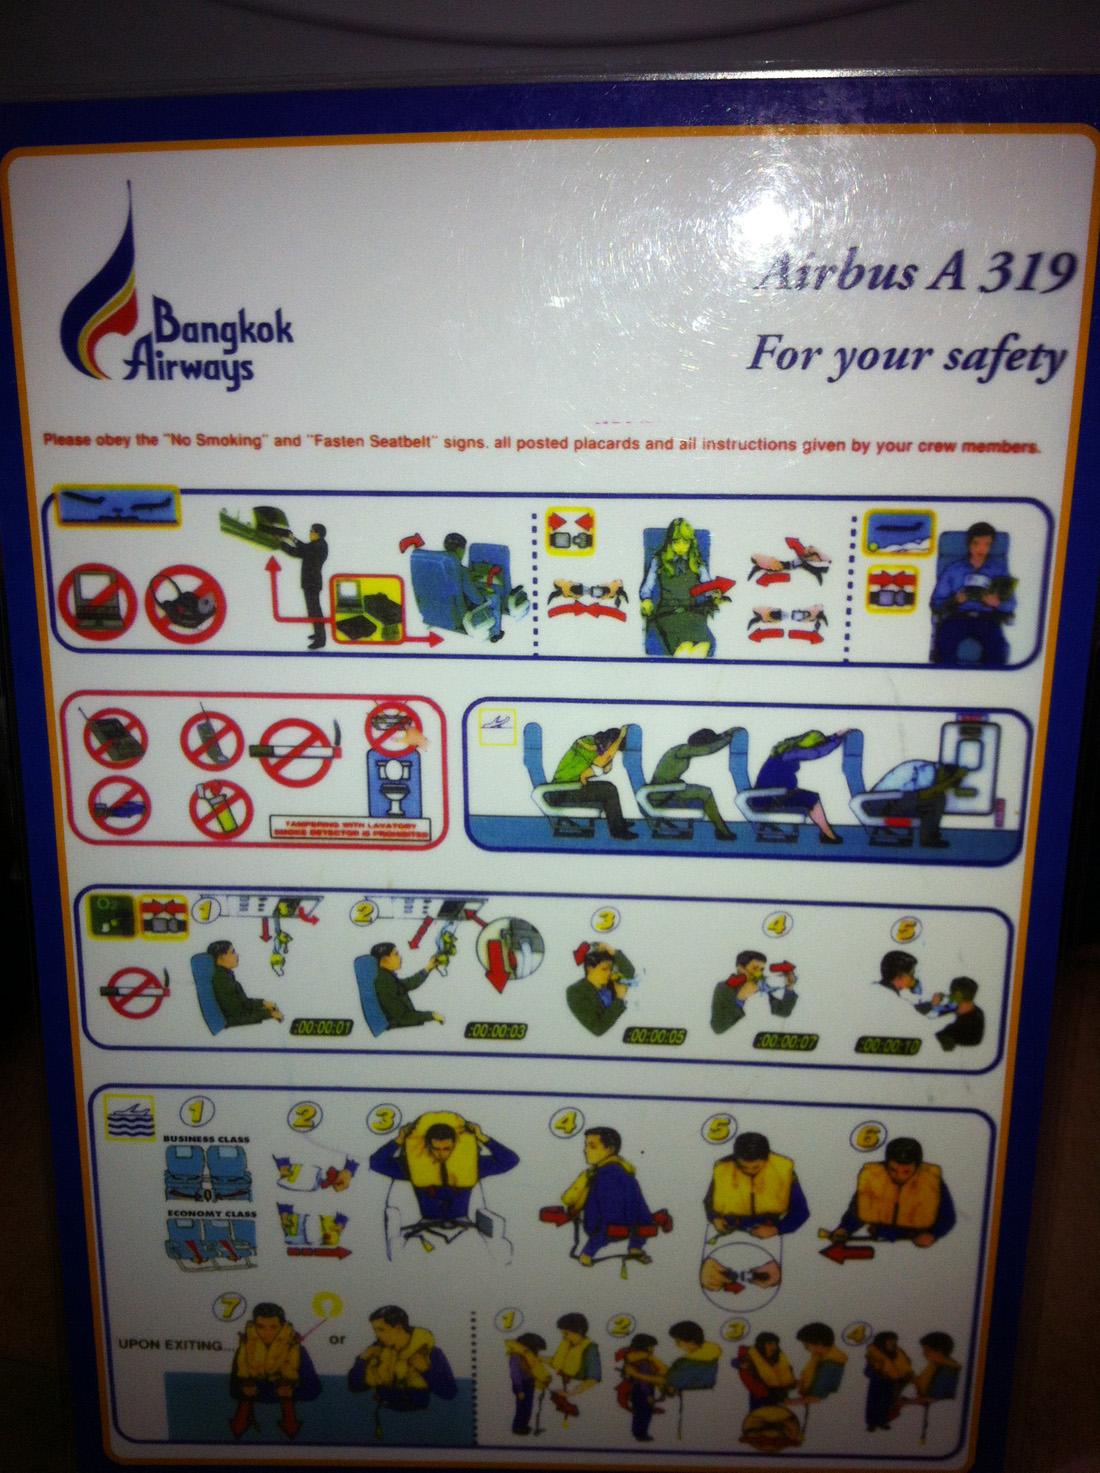 Инструкция по безопасности авиакомпании Bangkok Airways